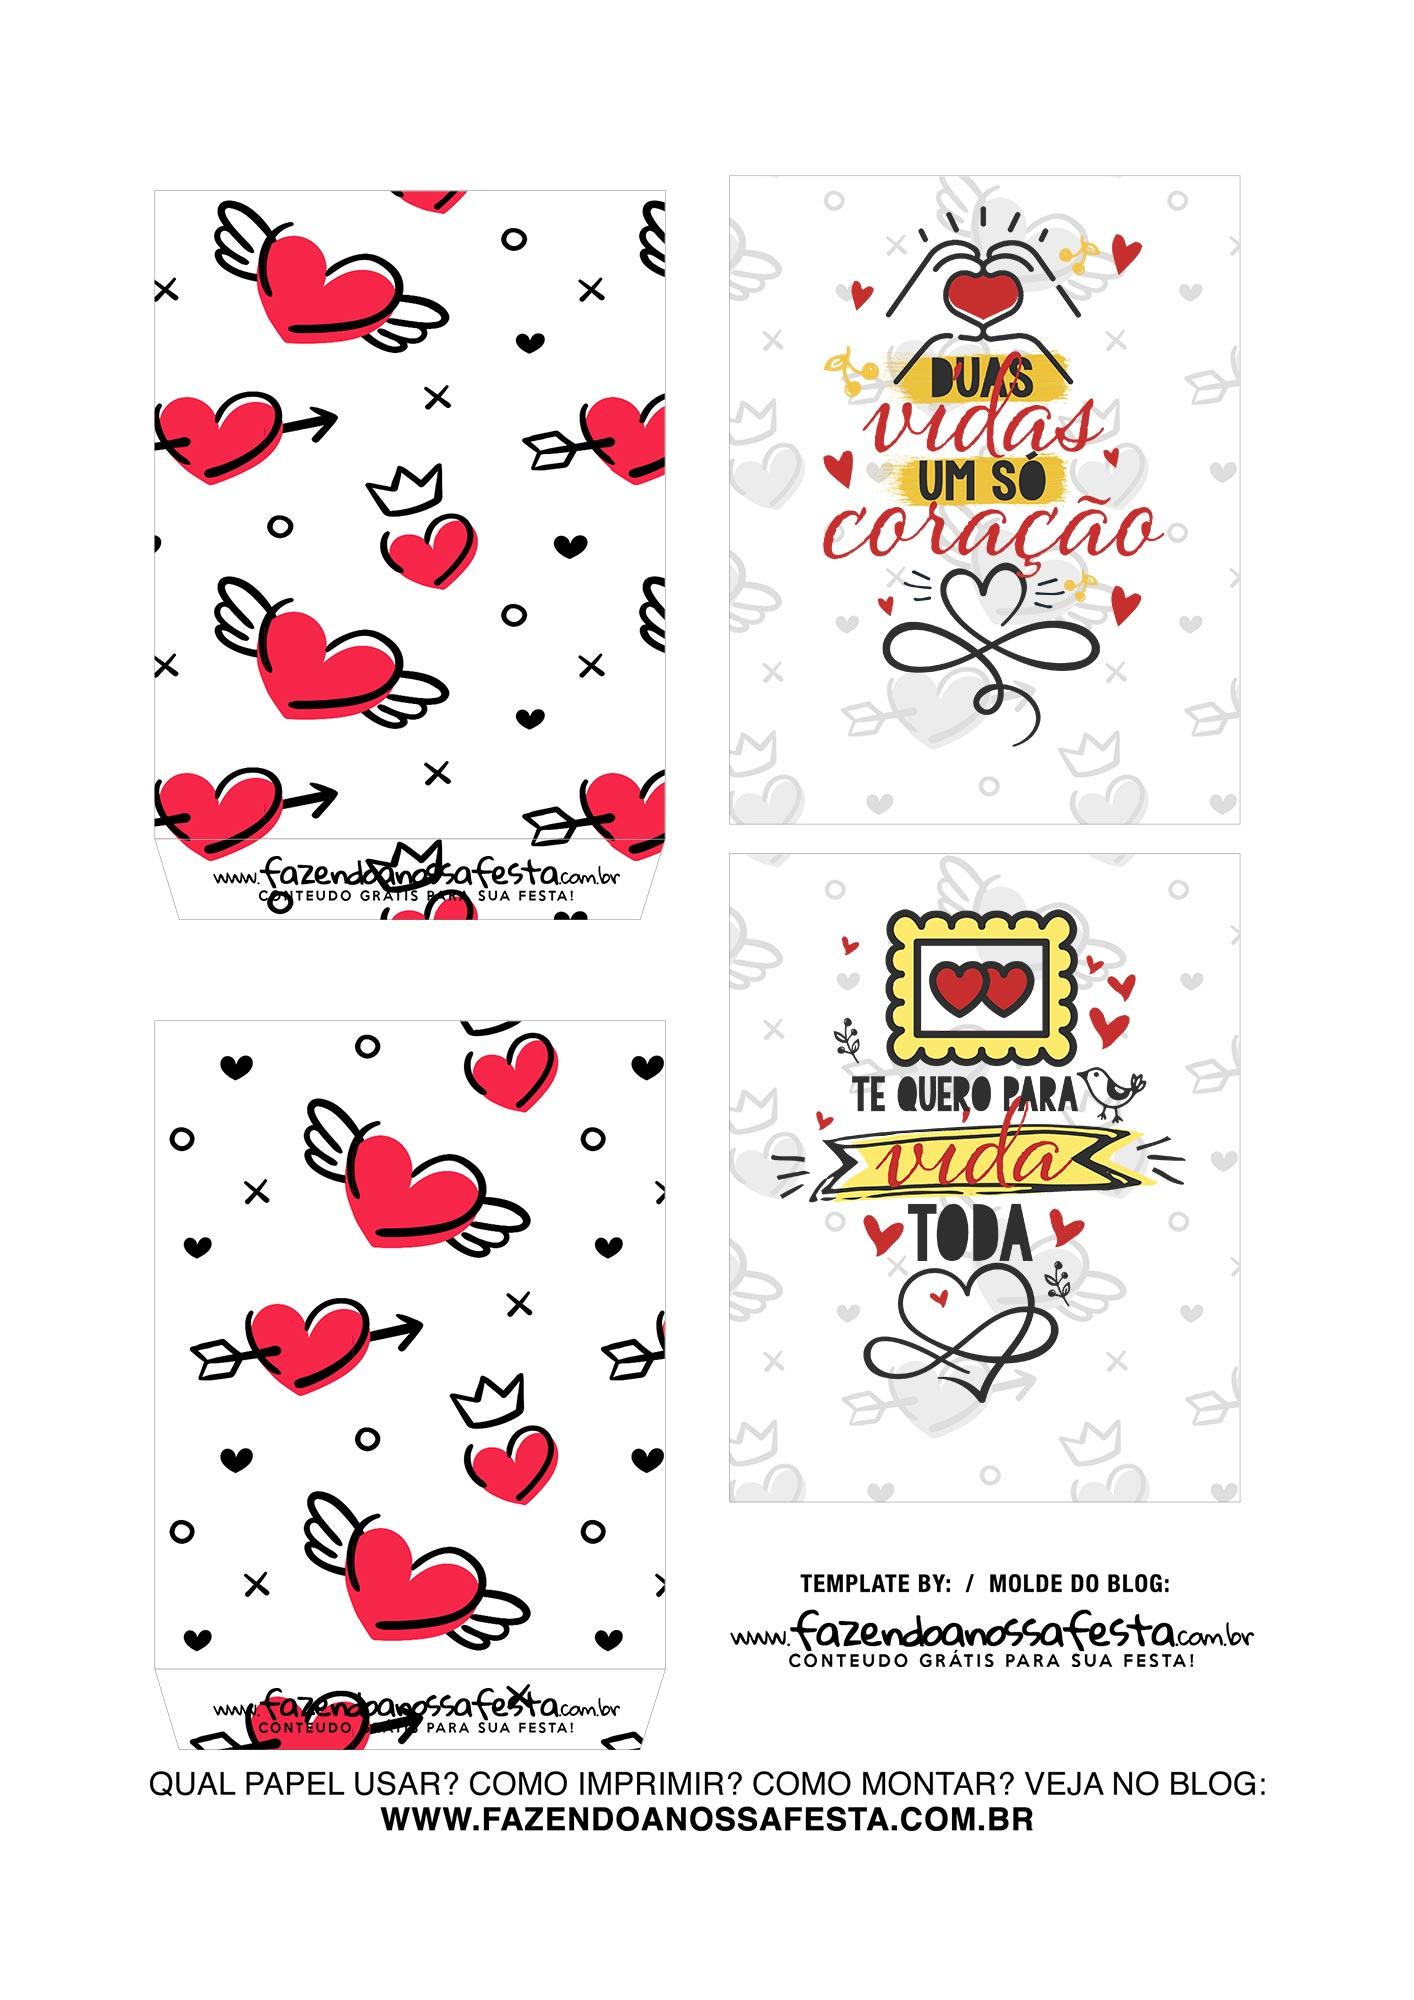 Caixa Explosiva Dia dos Namorados Te amo 3